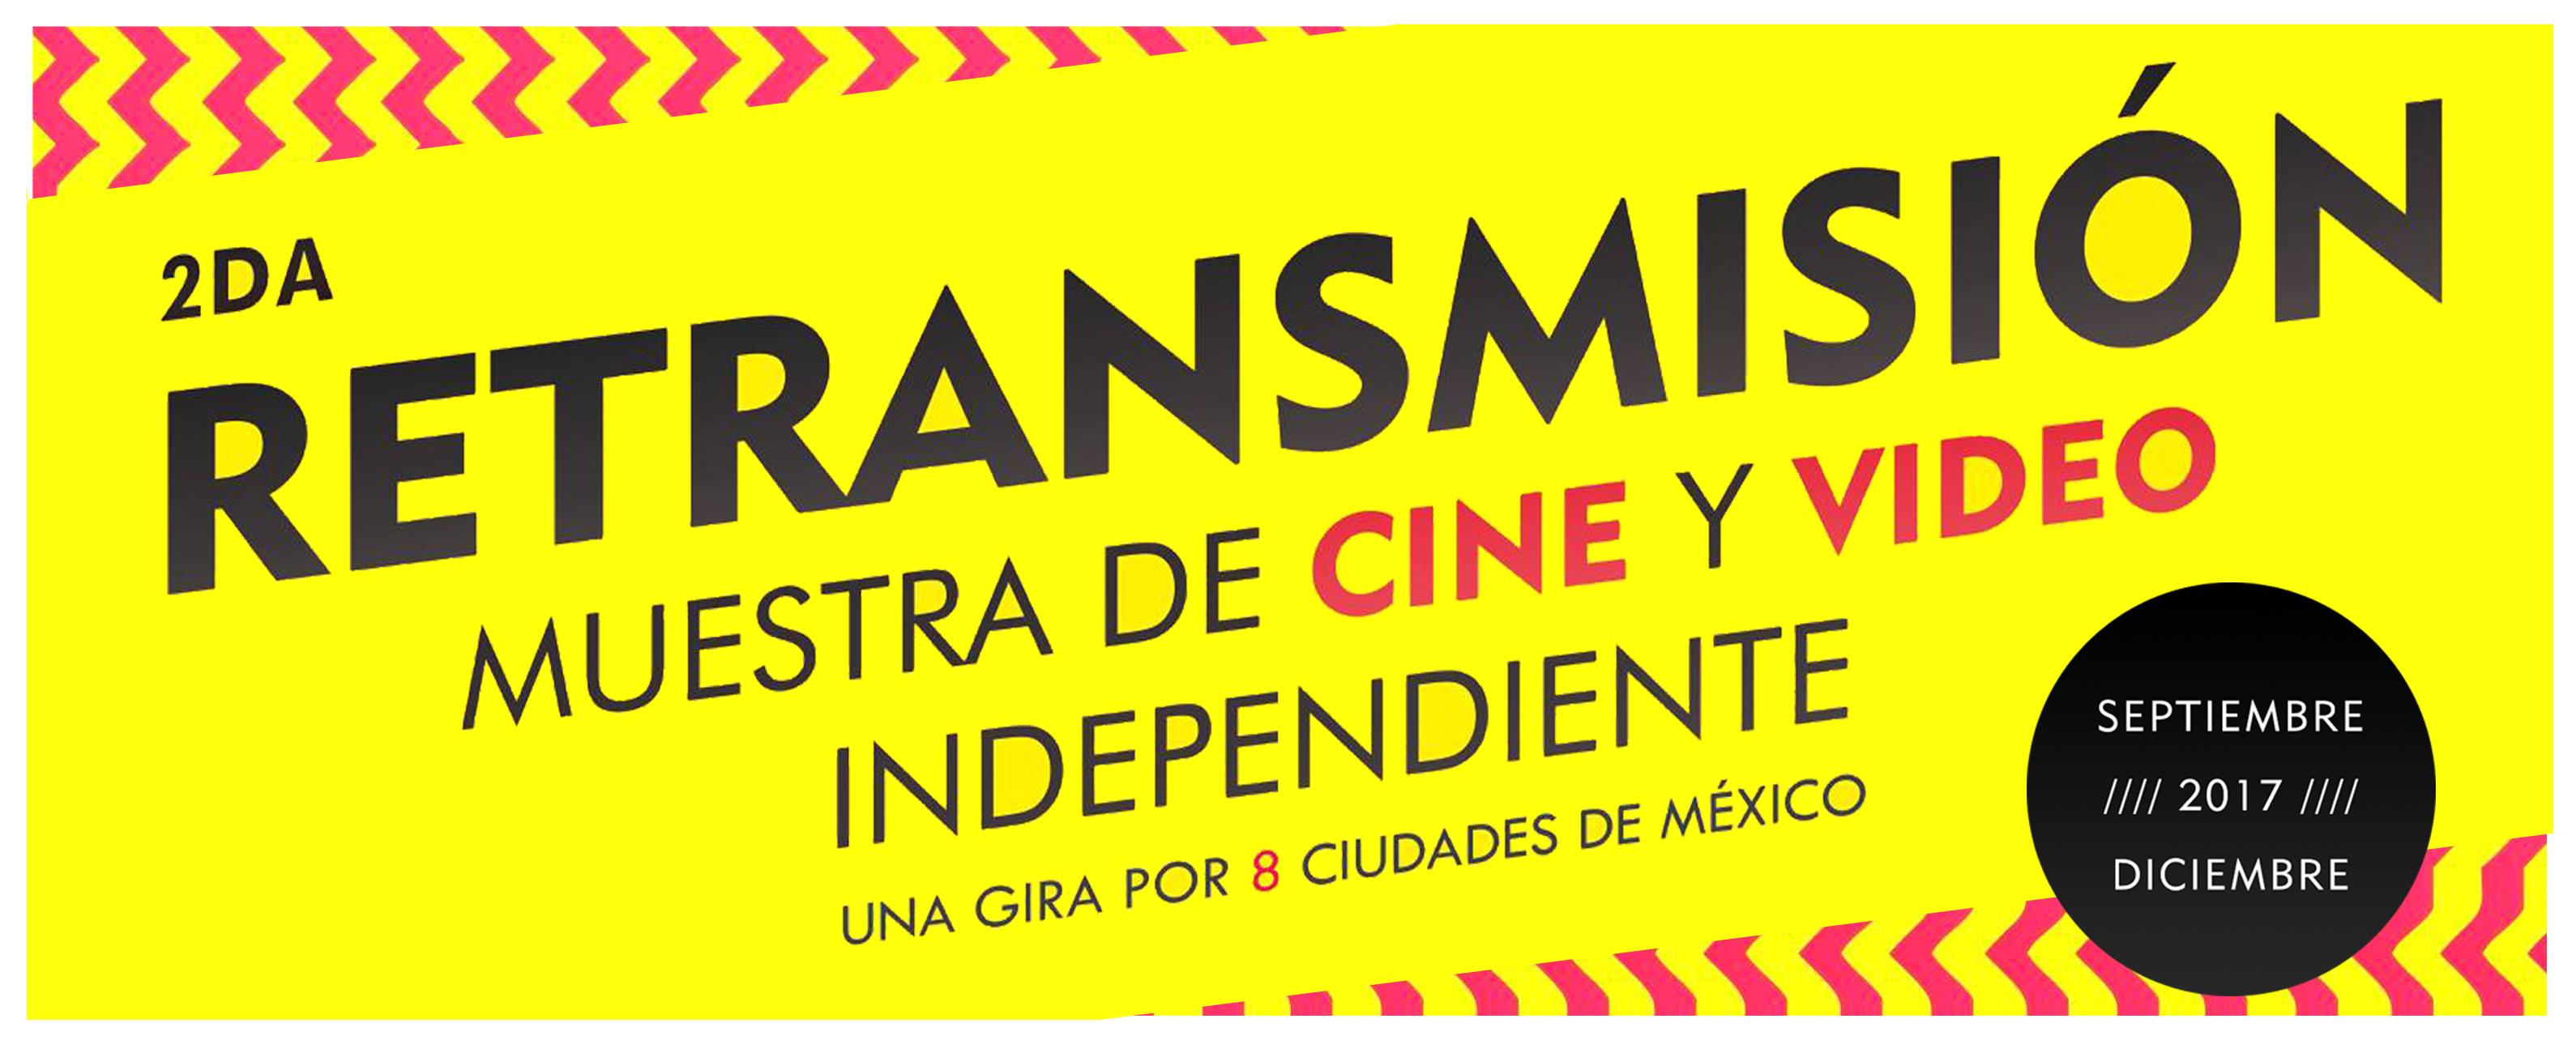 Retransmisión Segunda Muestra de Cine y Video Independiente 2016 Festival de Cine Independiente Despues Tour de Cine Independiente